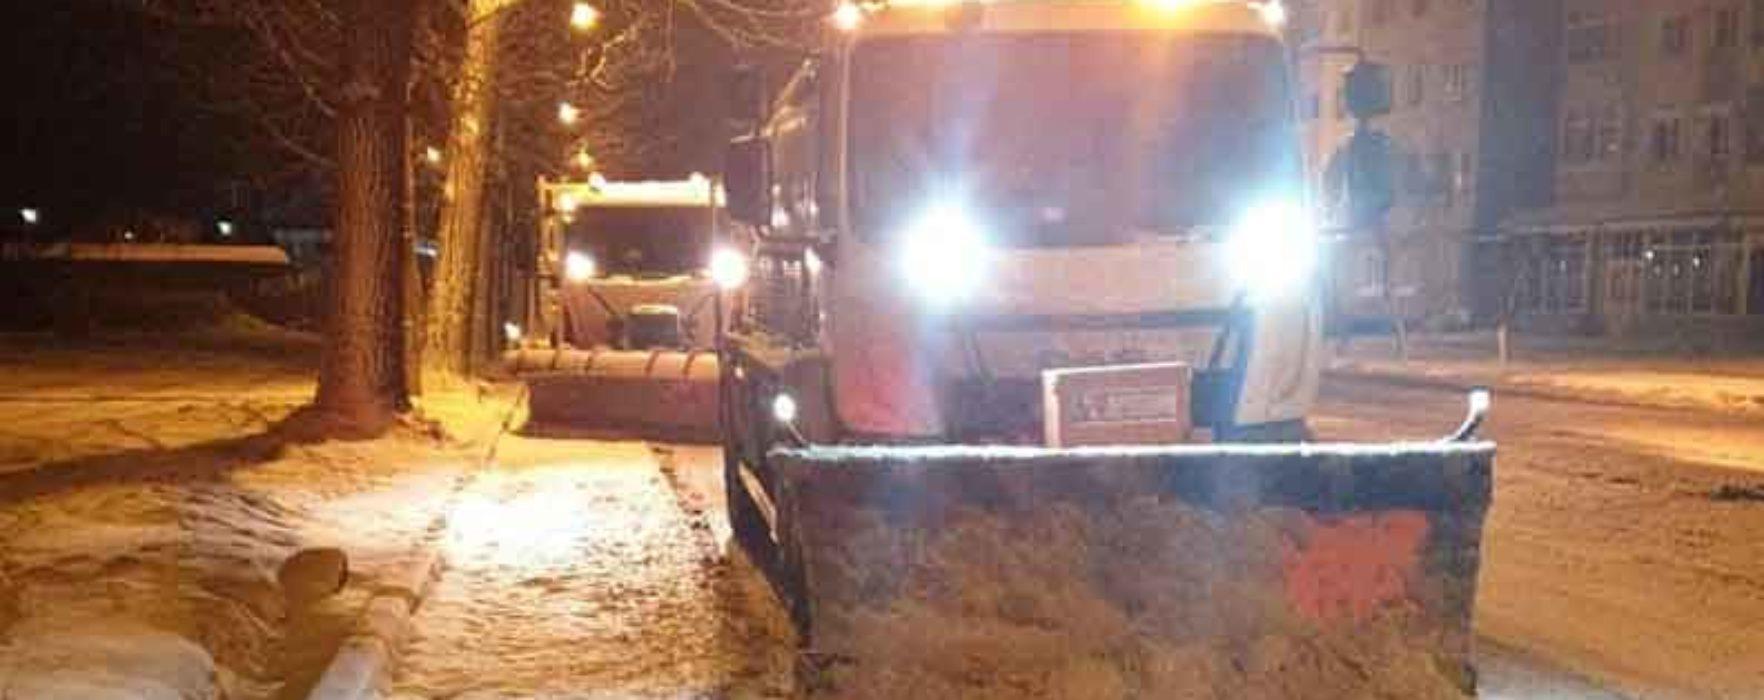 Târgovişte: Primăria a acţionat în cursul nopţii pentru înlăturarea zăpezii